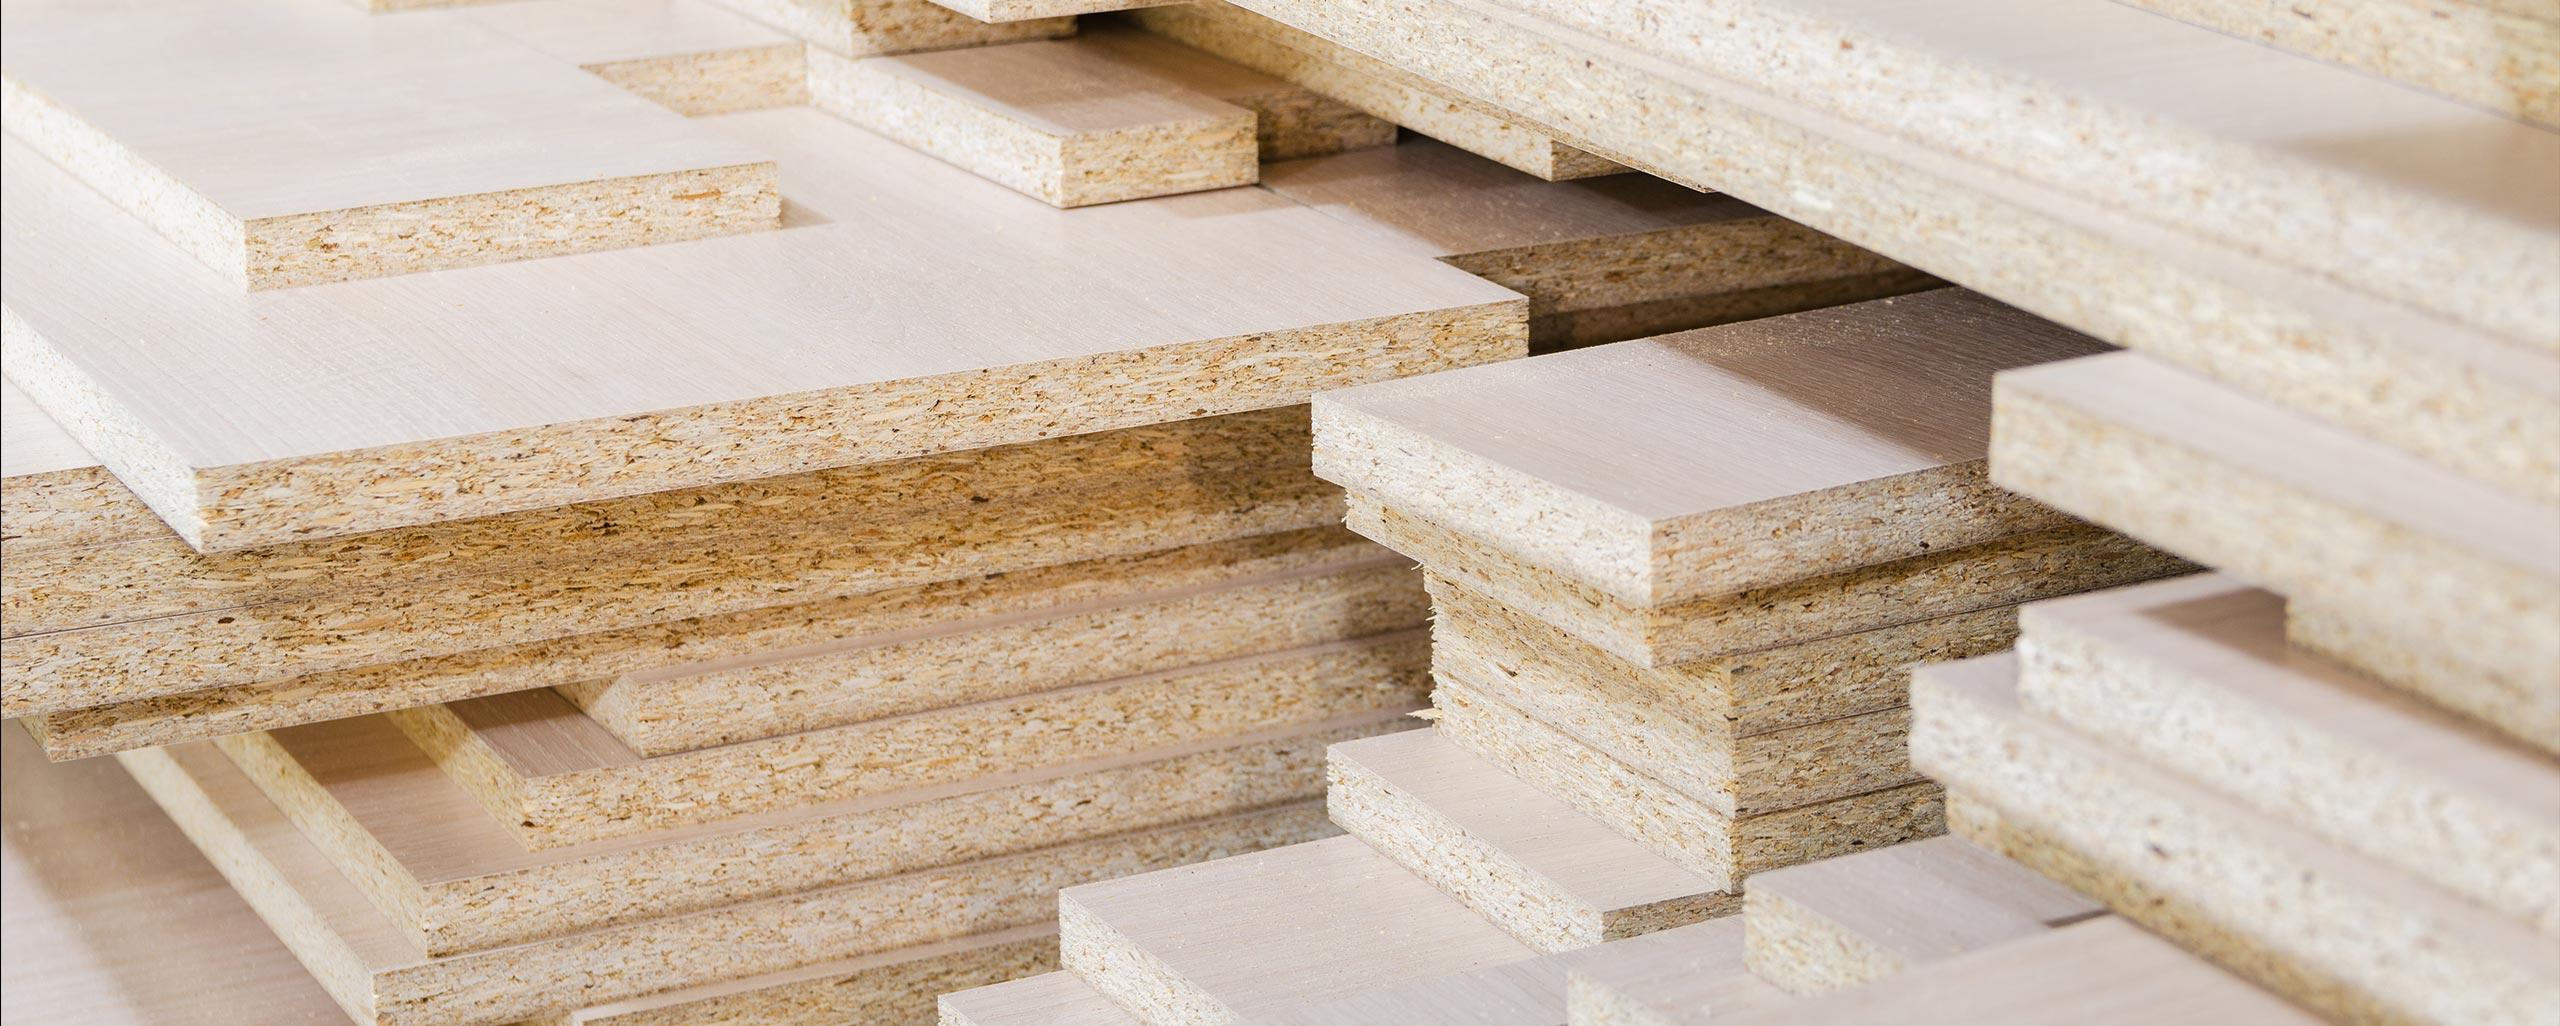 Möbelfertigteile für den Einbauschrank nach Maß von BWE in Unterschleißheim.